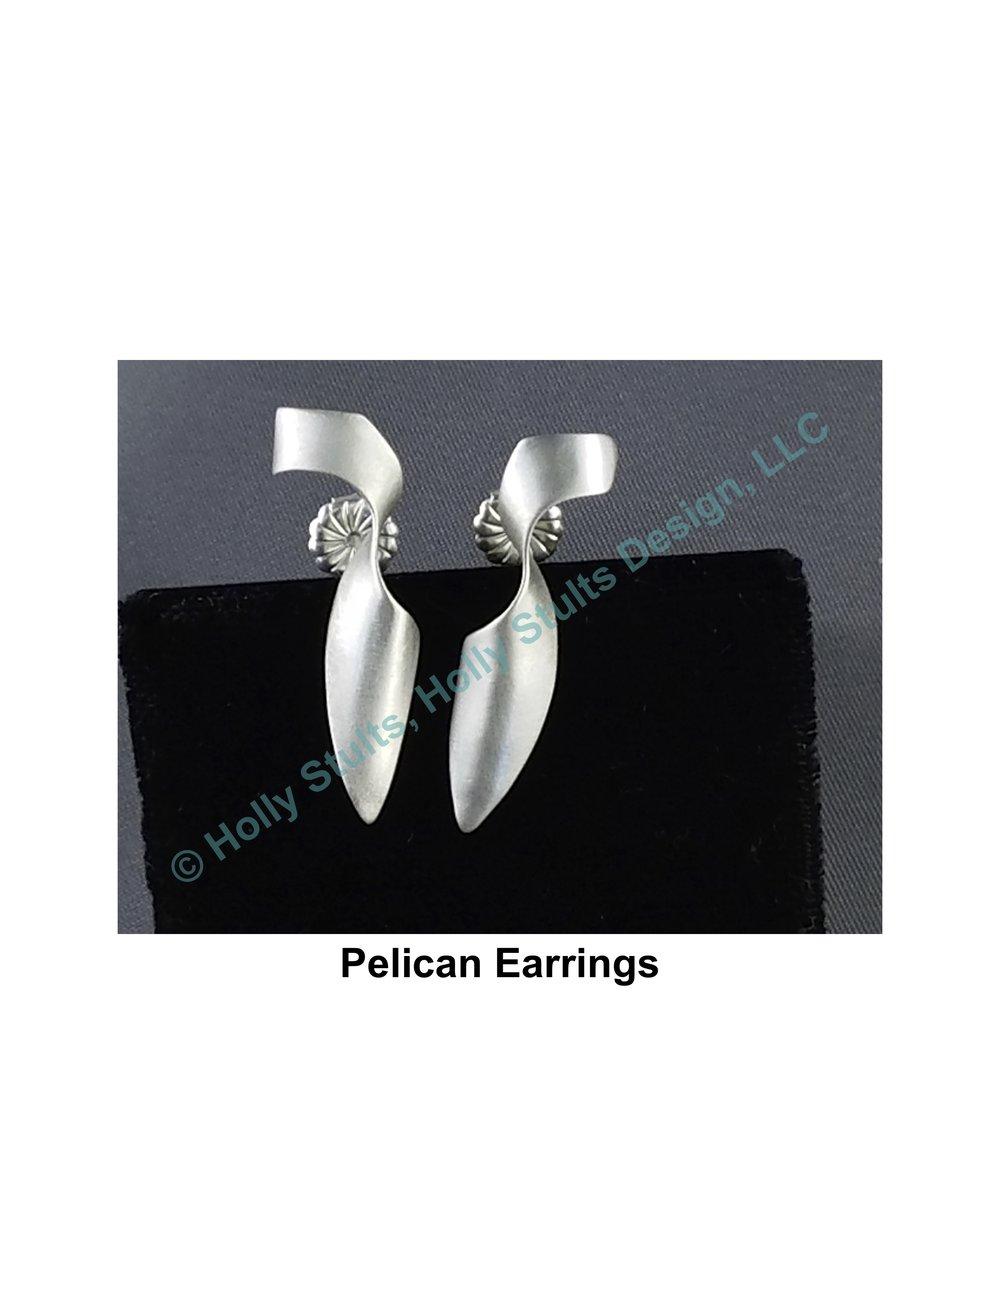 Pelican Earrings.jpg